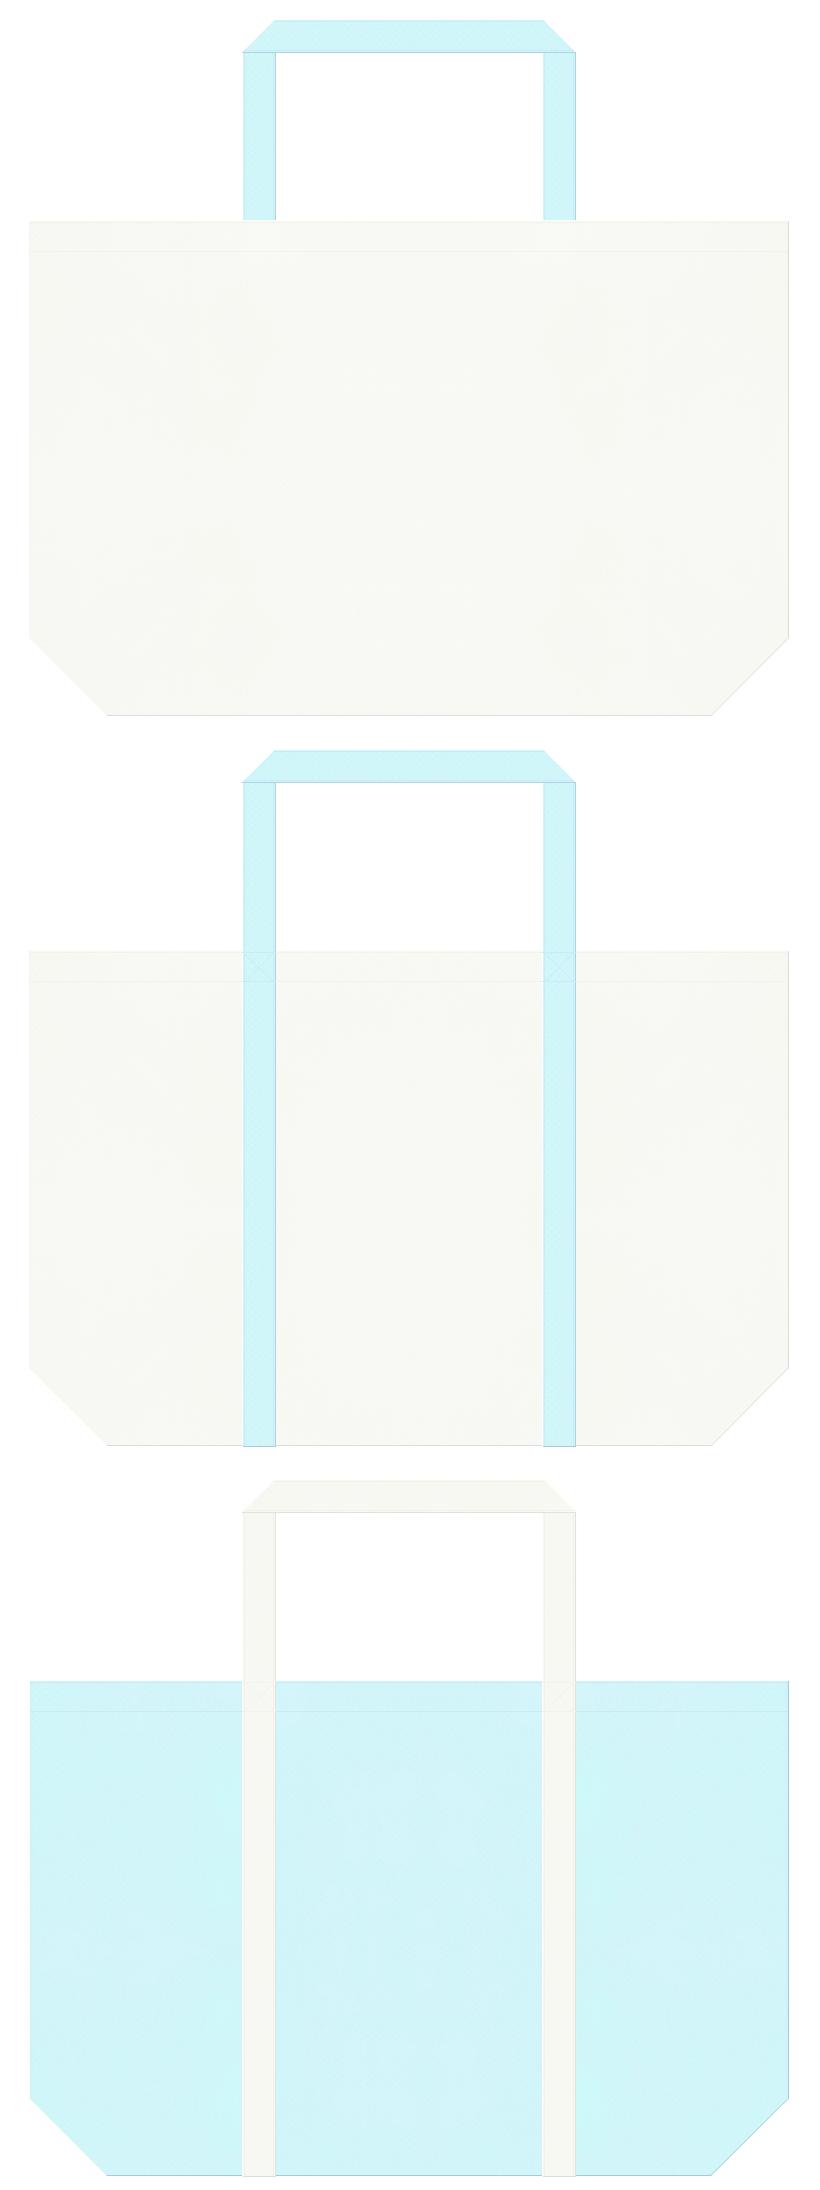 ミネラルウォーター・透明飲料・CO2削減・水道設備・環境セミナー・潤い・化粧水・コスメ・バス用品・介護用品・フェミニン・スワン・バレエ・ガーリーデザイン・パステルカラー・フェアリー・パール・ウェディング・チャペル・結婚式場にお奨めの不織布バッグデザイン:オフホワイト色と水色のコーデ